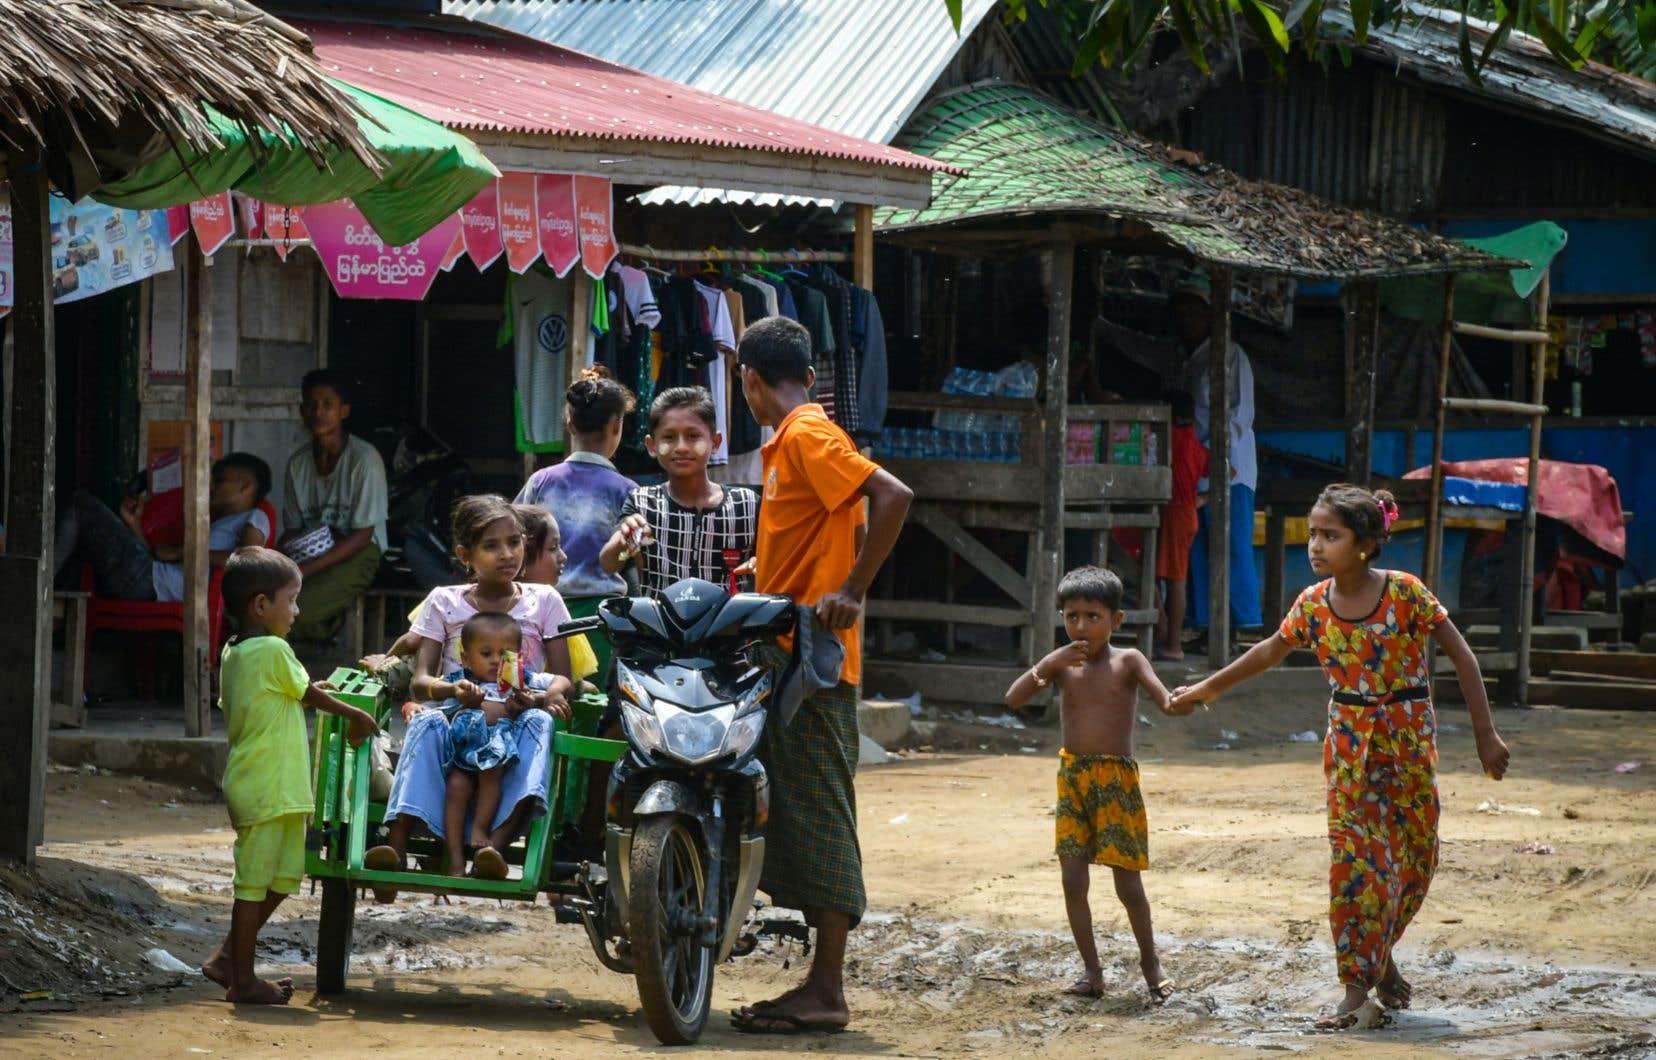 Des membres de la communauté musulmane Rohingya ont été déplacés au camp de Thet Kay Pyin à Sittwe, dans l'État de Rakhine.